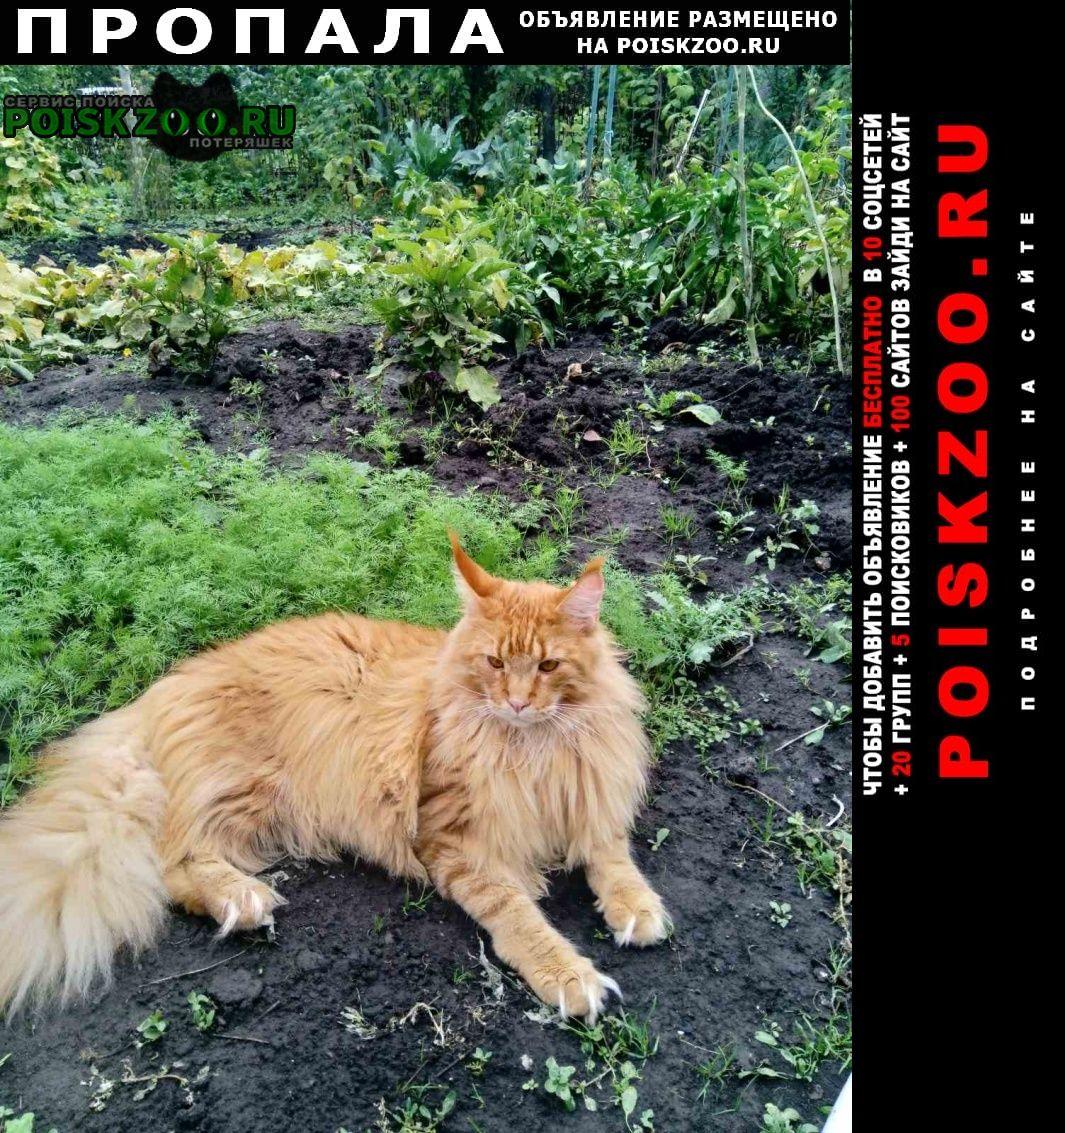 Ульяновск Пропал кот рыжий.